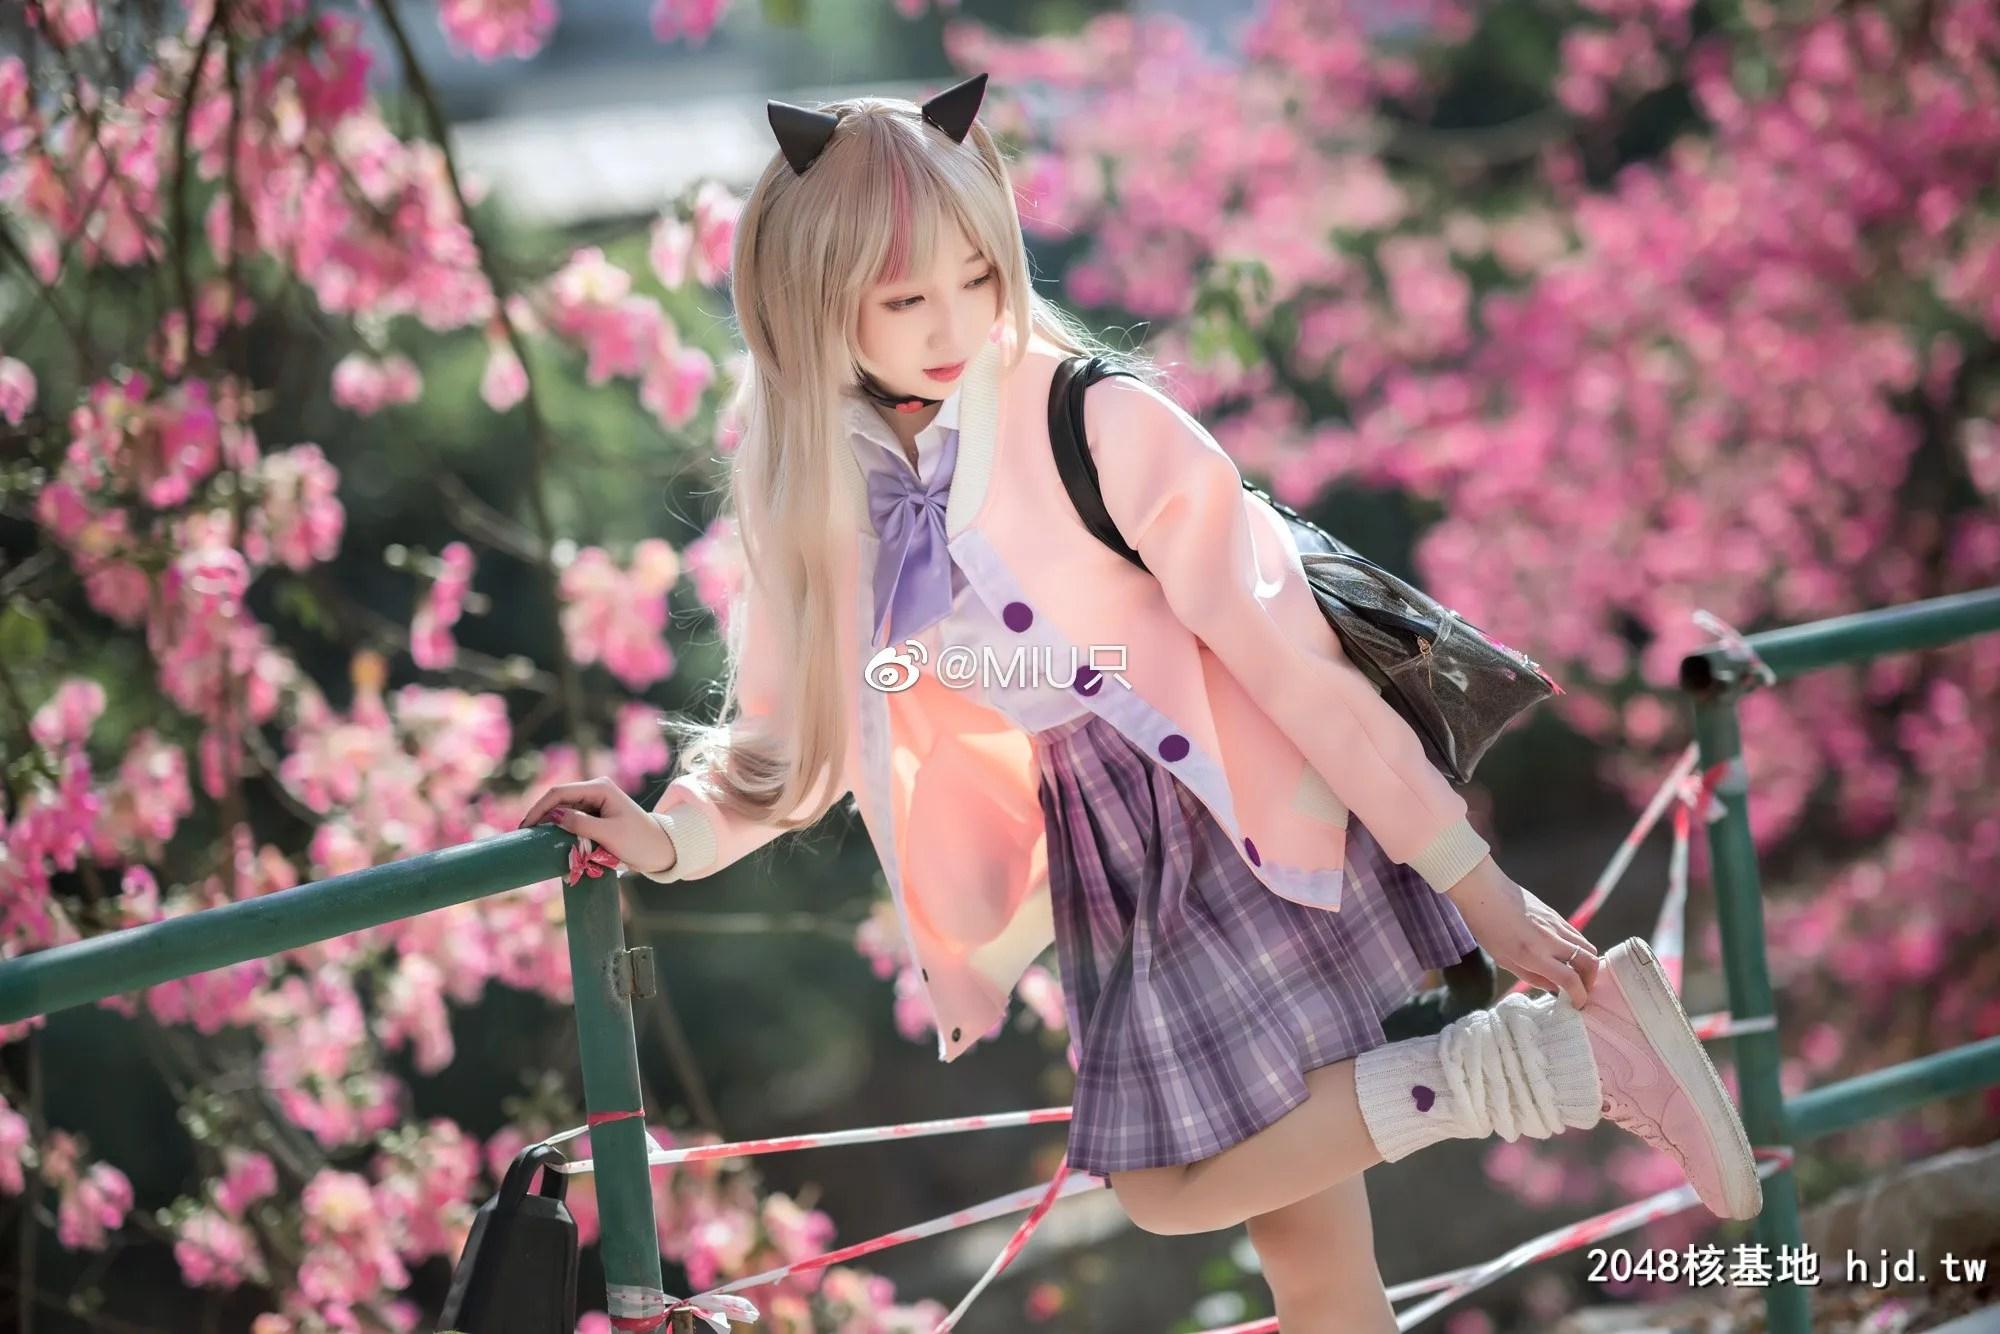 少女前线Mk23—宣告开学的喵之歌@MIU只 (10P)插图(4)